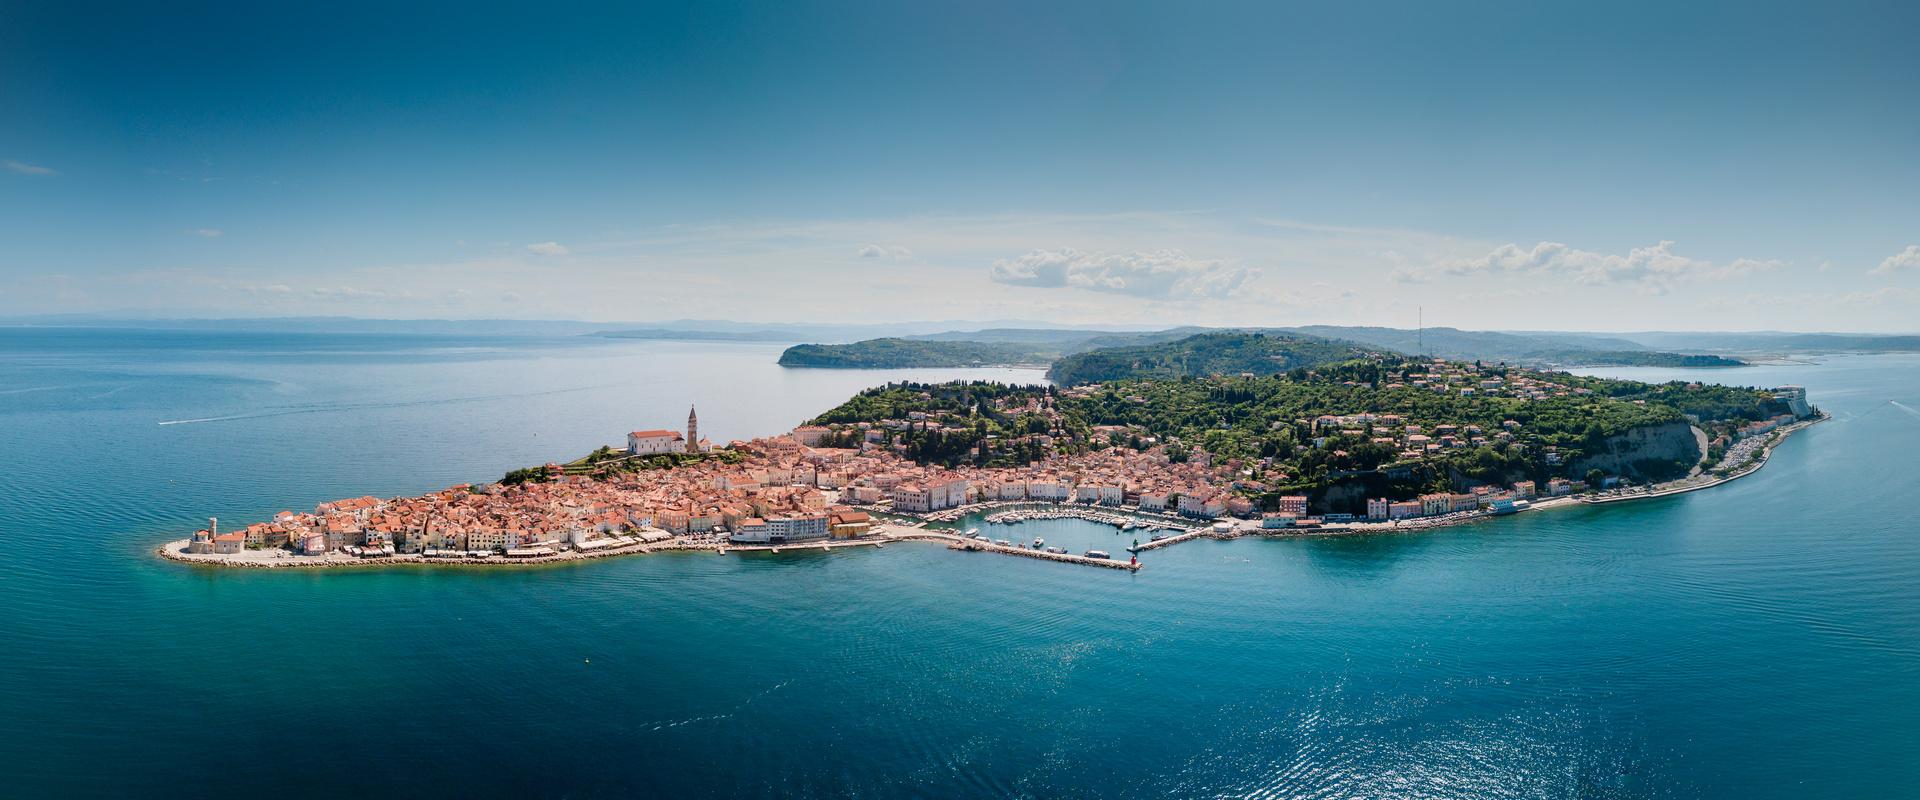 Portoroz Istrië Slovenië